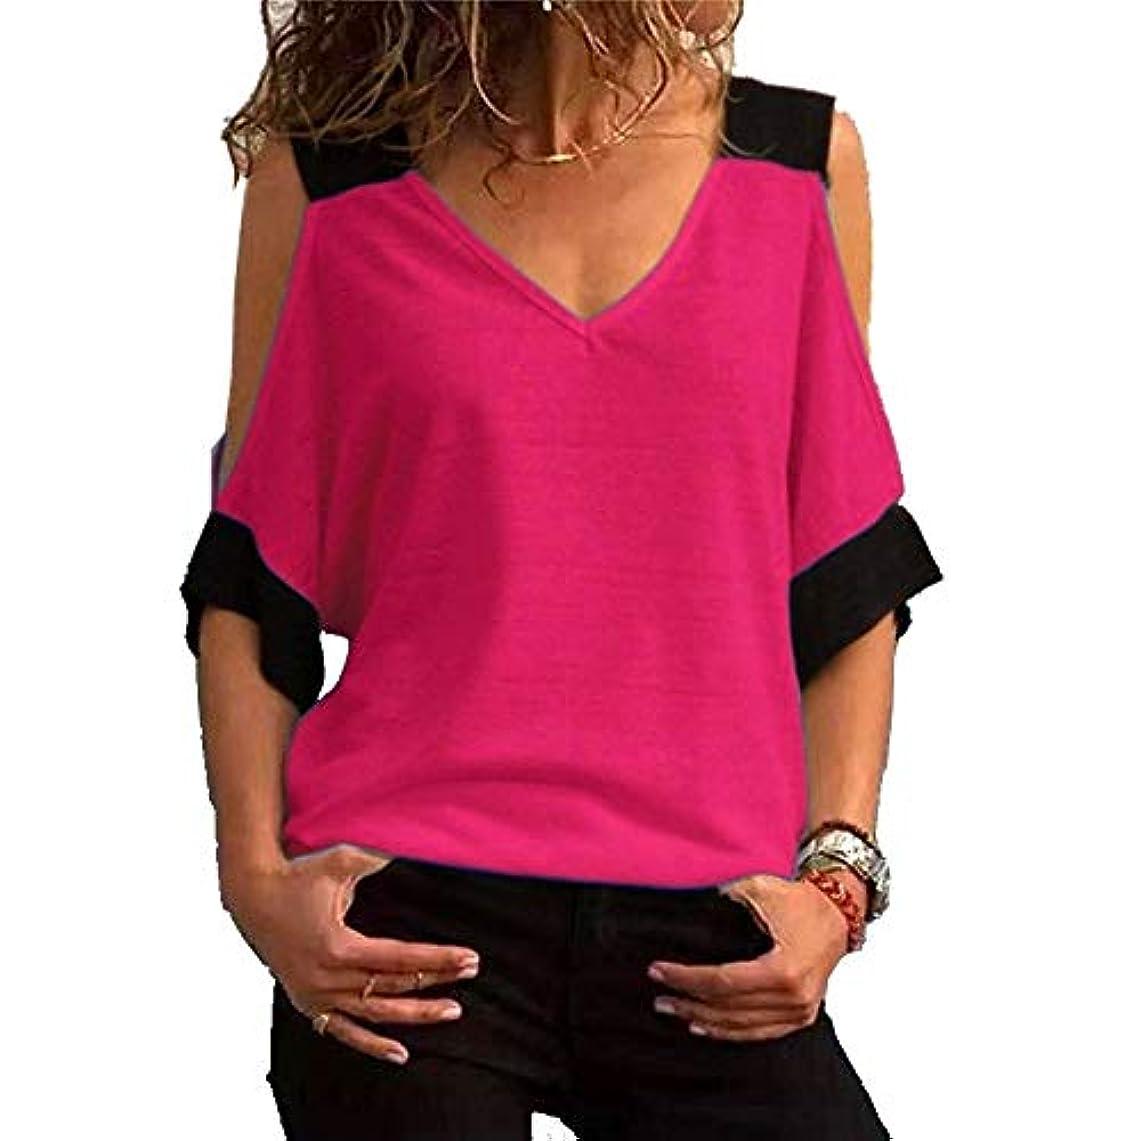 のど流す心からMIFAN女性ファッションカジュアルトップス女性ショルダーブラウスコットンTシャツディープVネック半袖